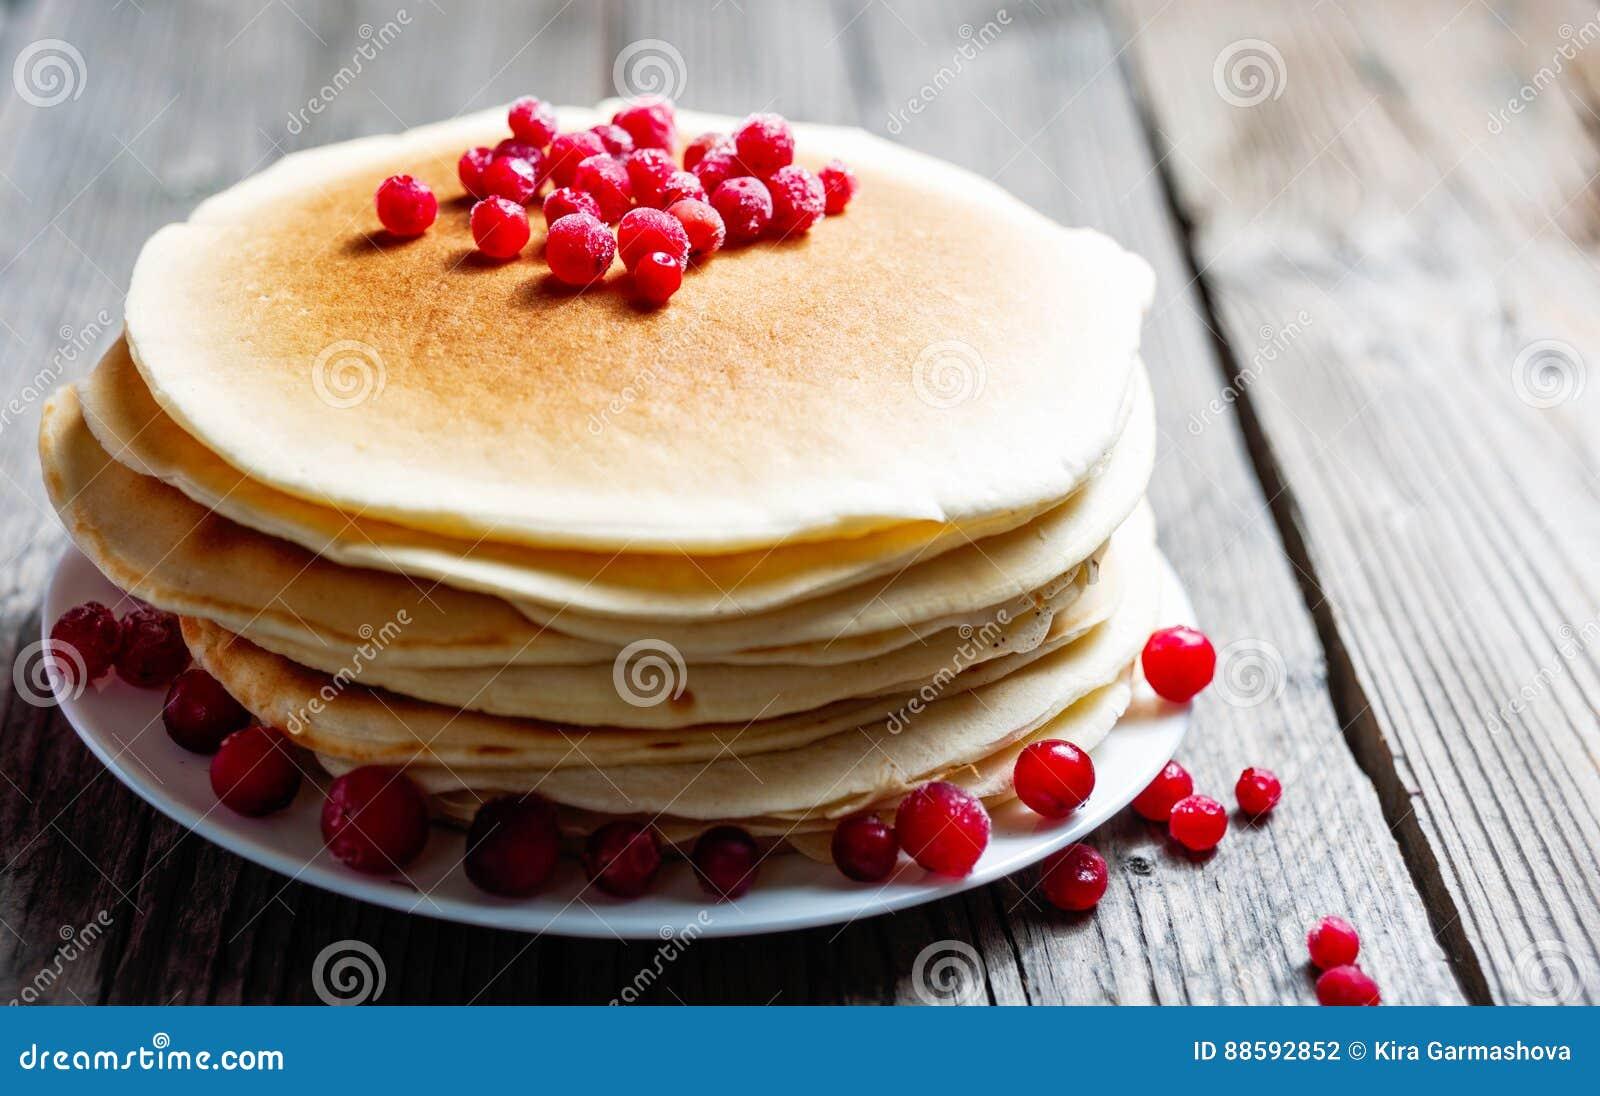 薄煎饼用新鲜的莓果 蔓越桔,越橘 早餐美食